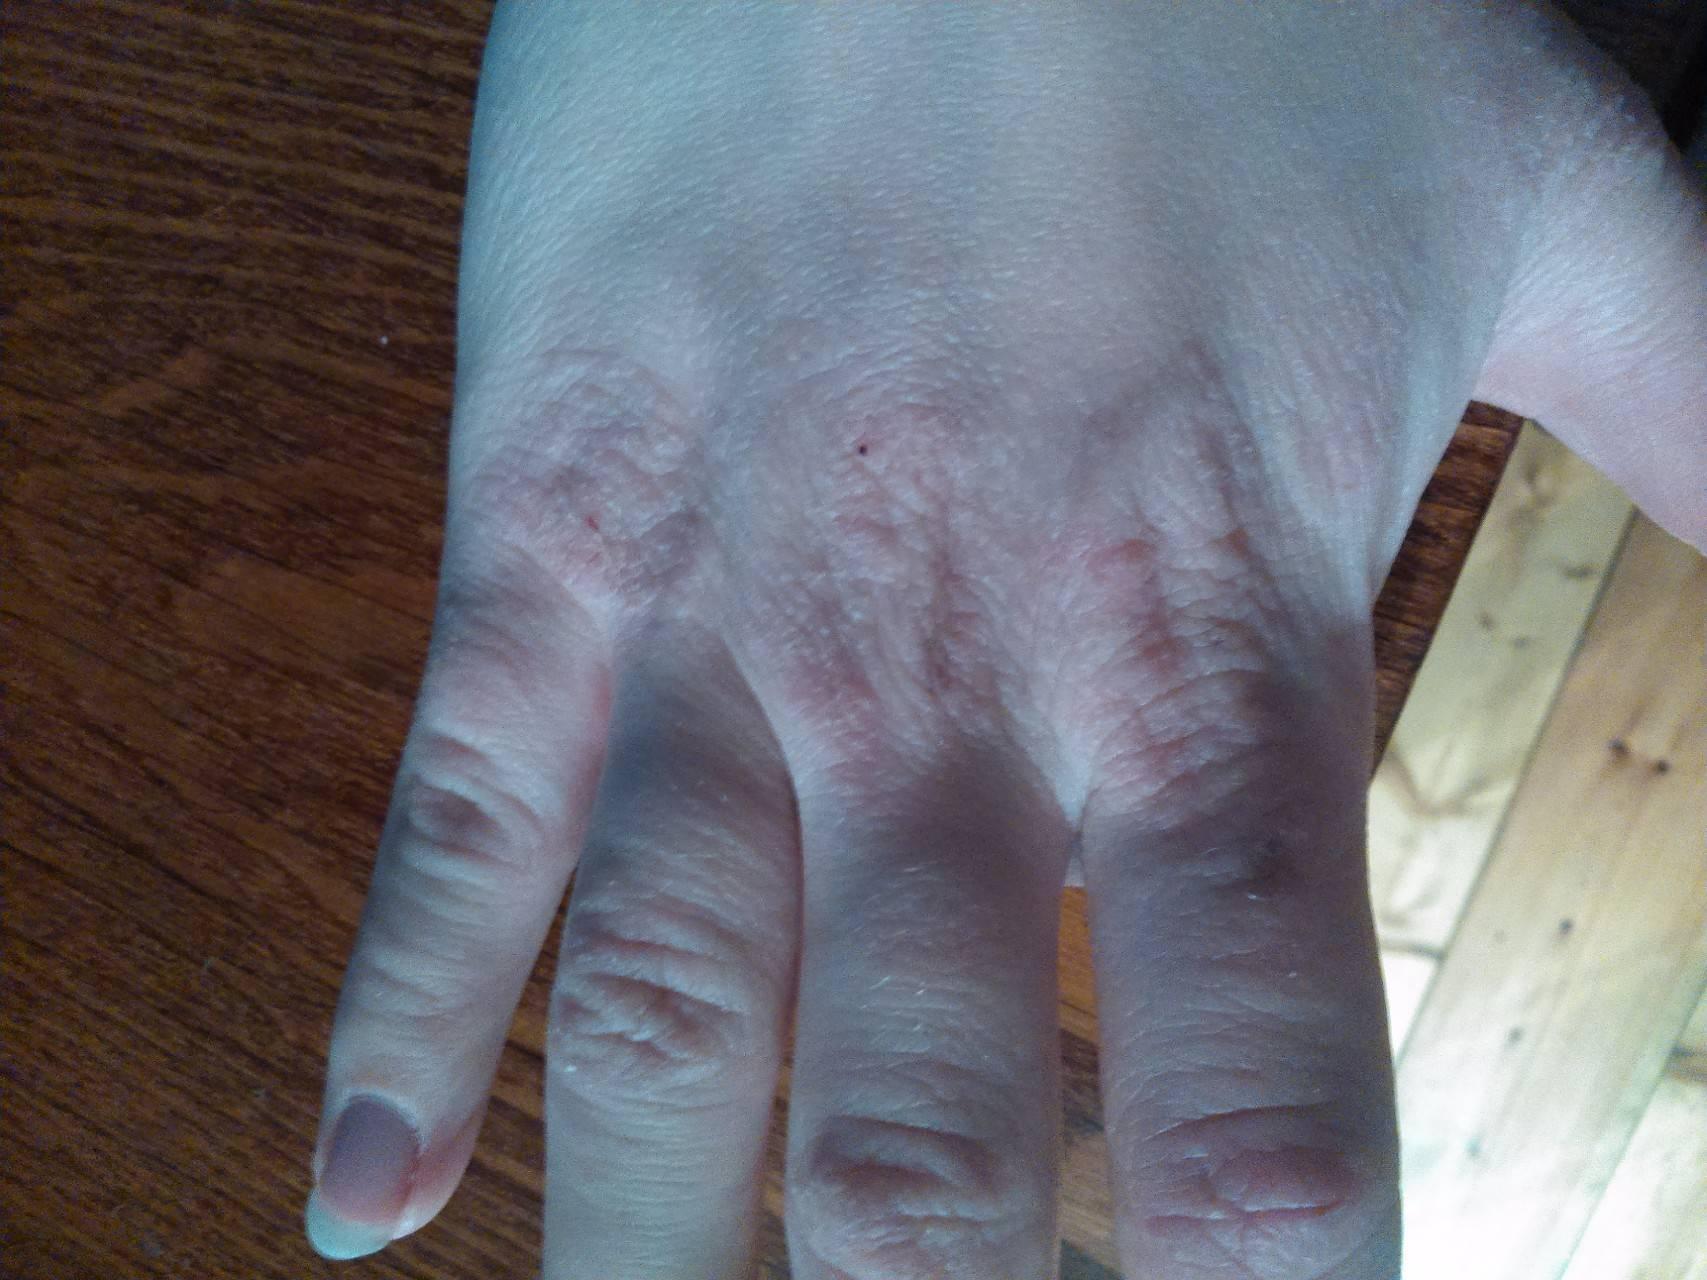 Почему шелушатся руки (ладони) и ноги (стопы) - патологические механизмы шелушения кожи